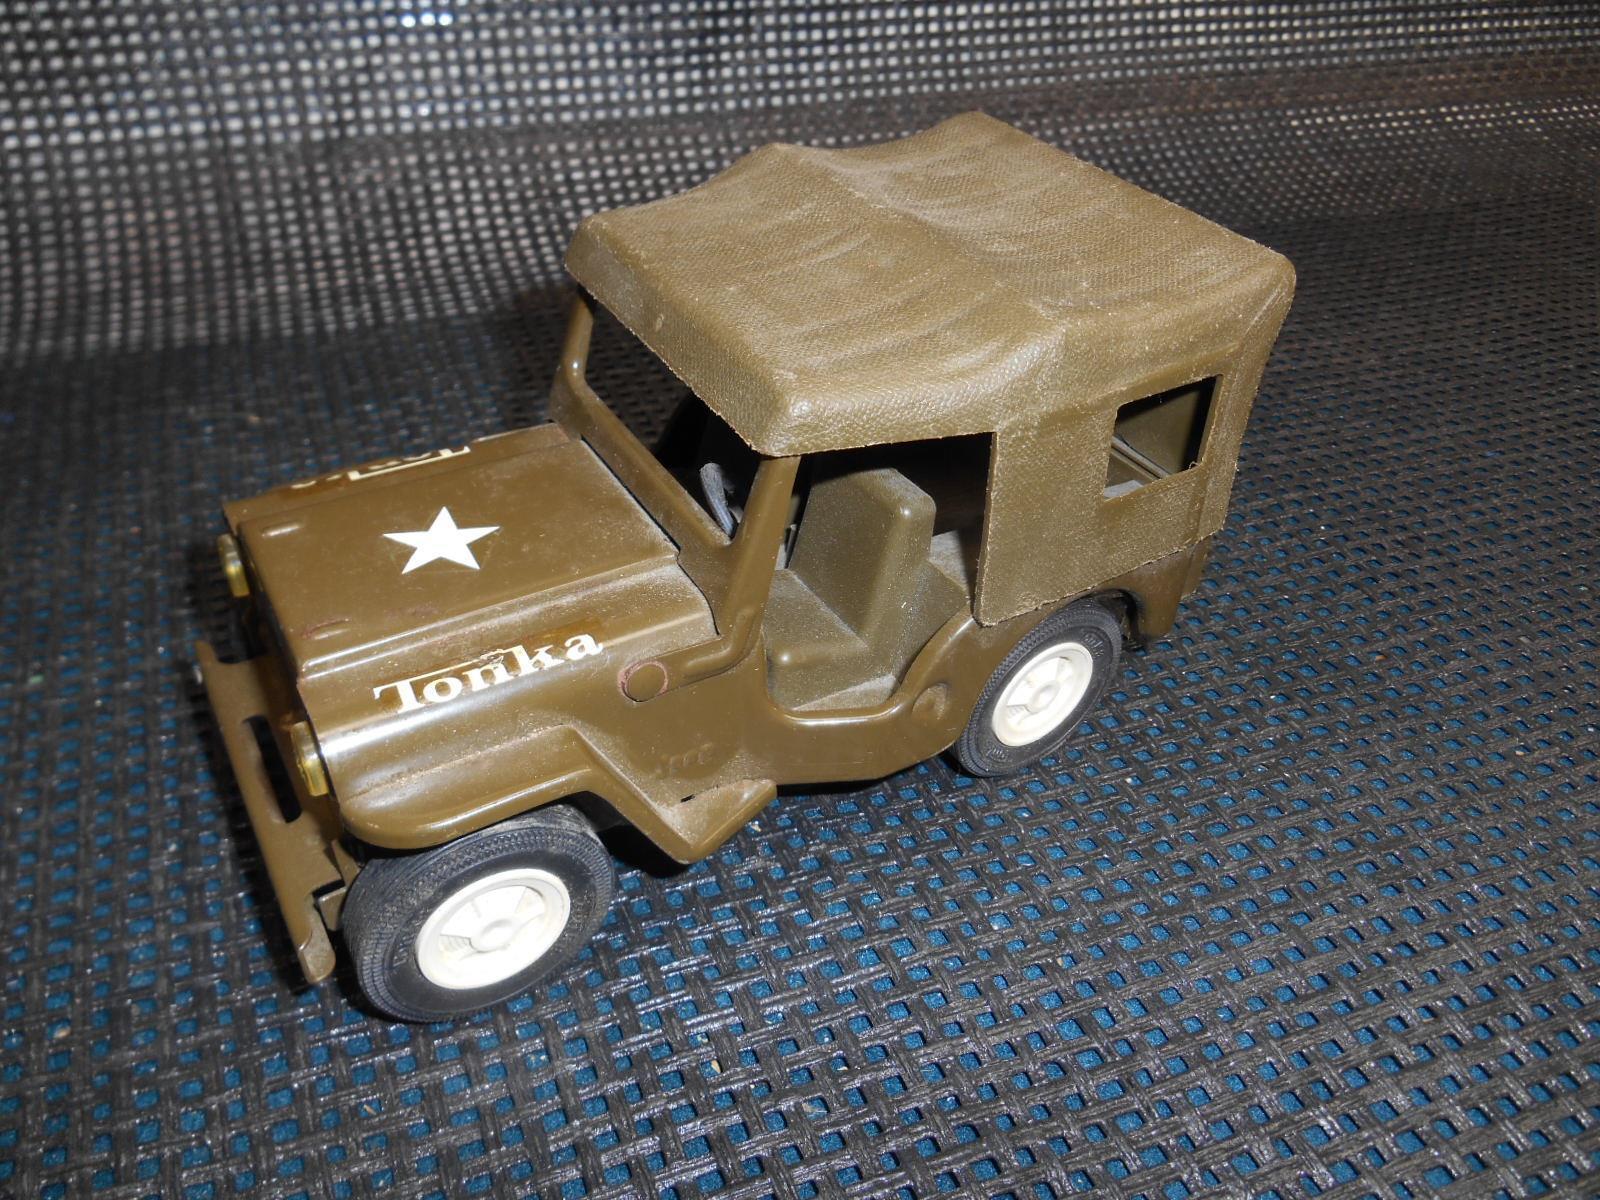 Nuova lista Old Vtg TONKA JEEP Comuomoder Army giocattolo Vehicle 6 6 6 1 2  lungo Military  le migliori marche vendono a buon mercato